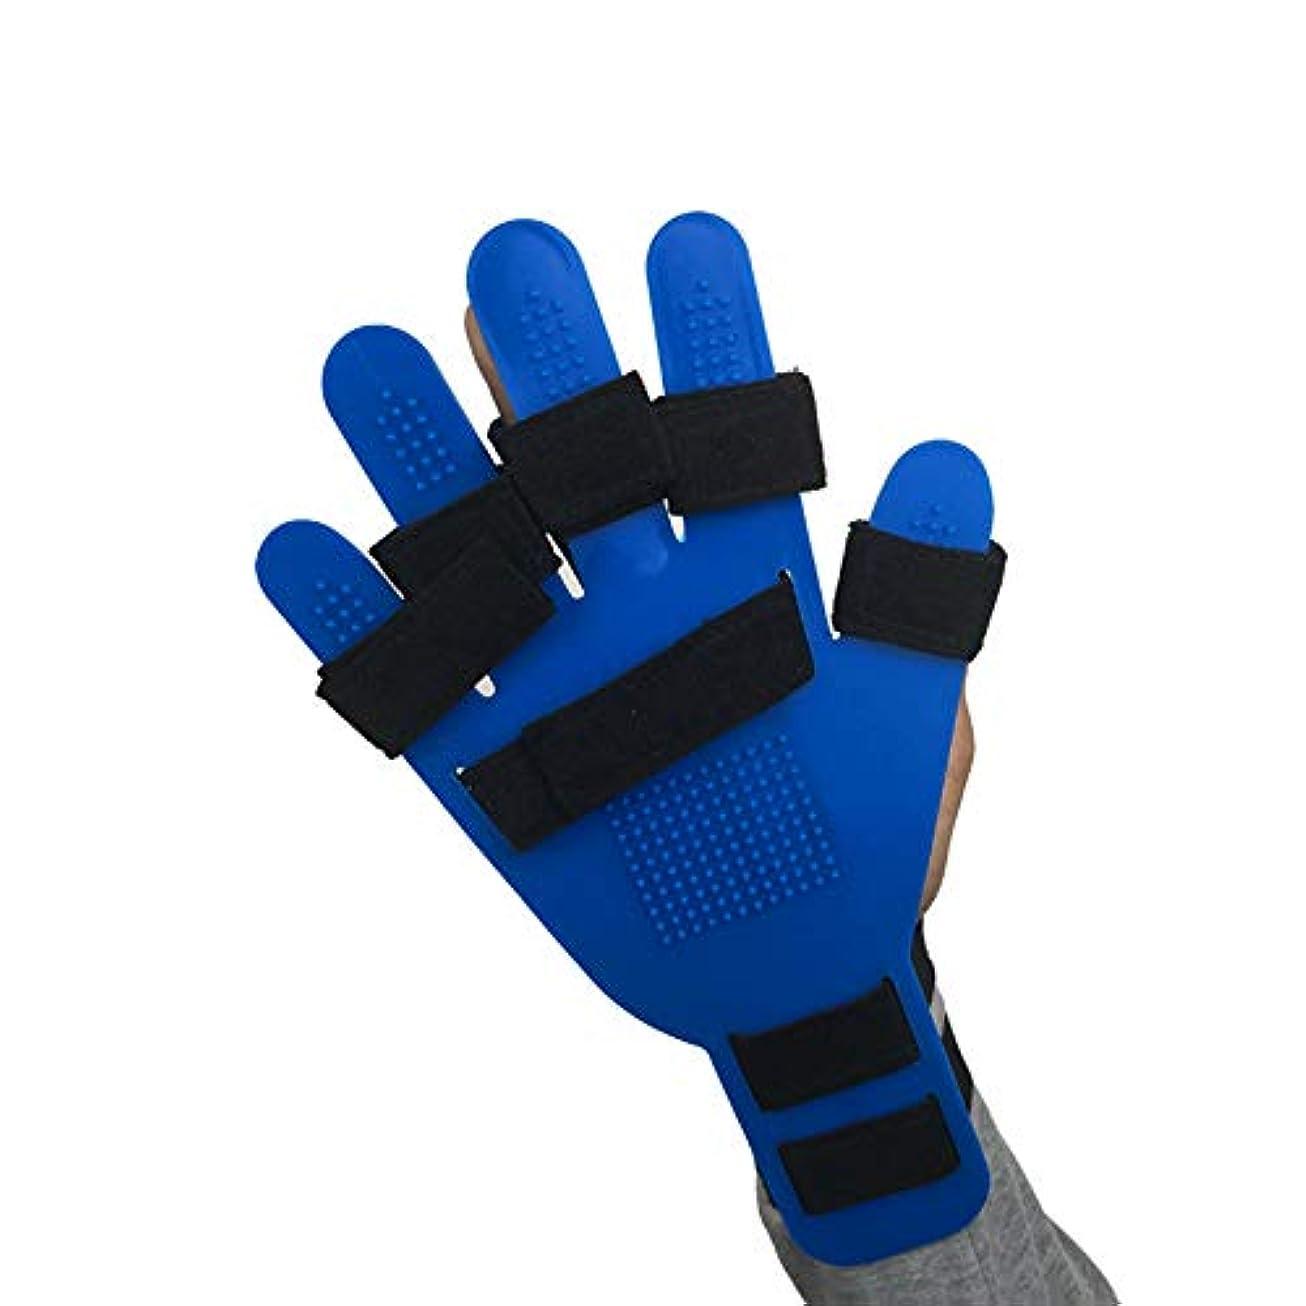 胚眉をひそめるそれ5本指のセパレータは、手のひらに合うように曲げることができ、指のカーリングを軽減するために使用できます。